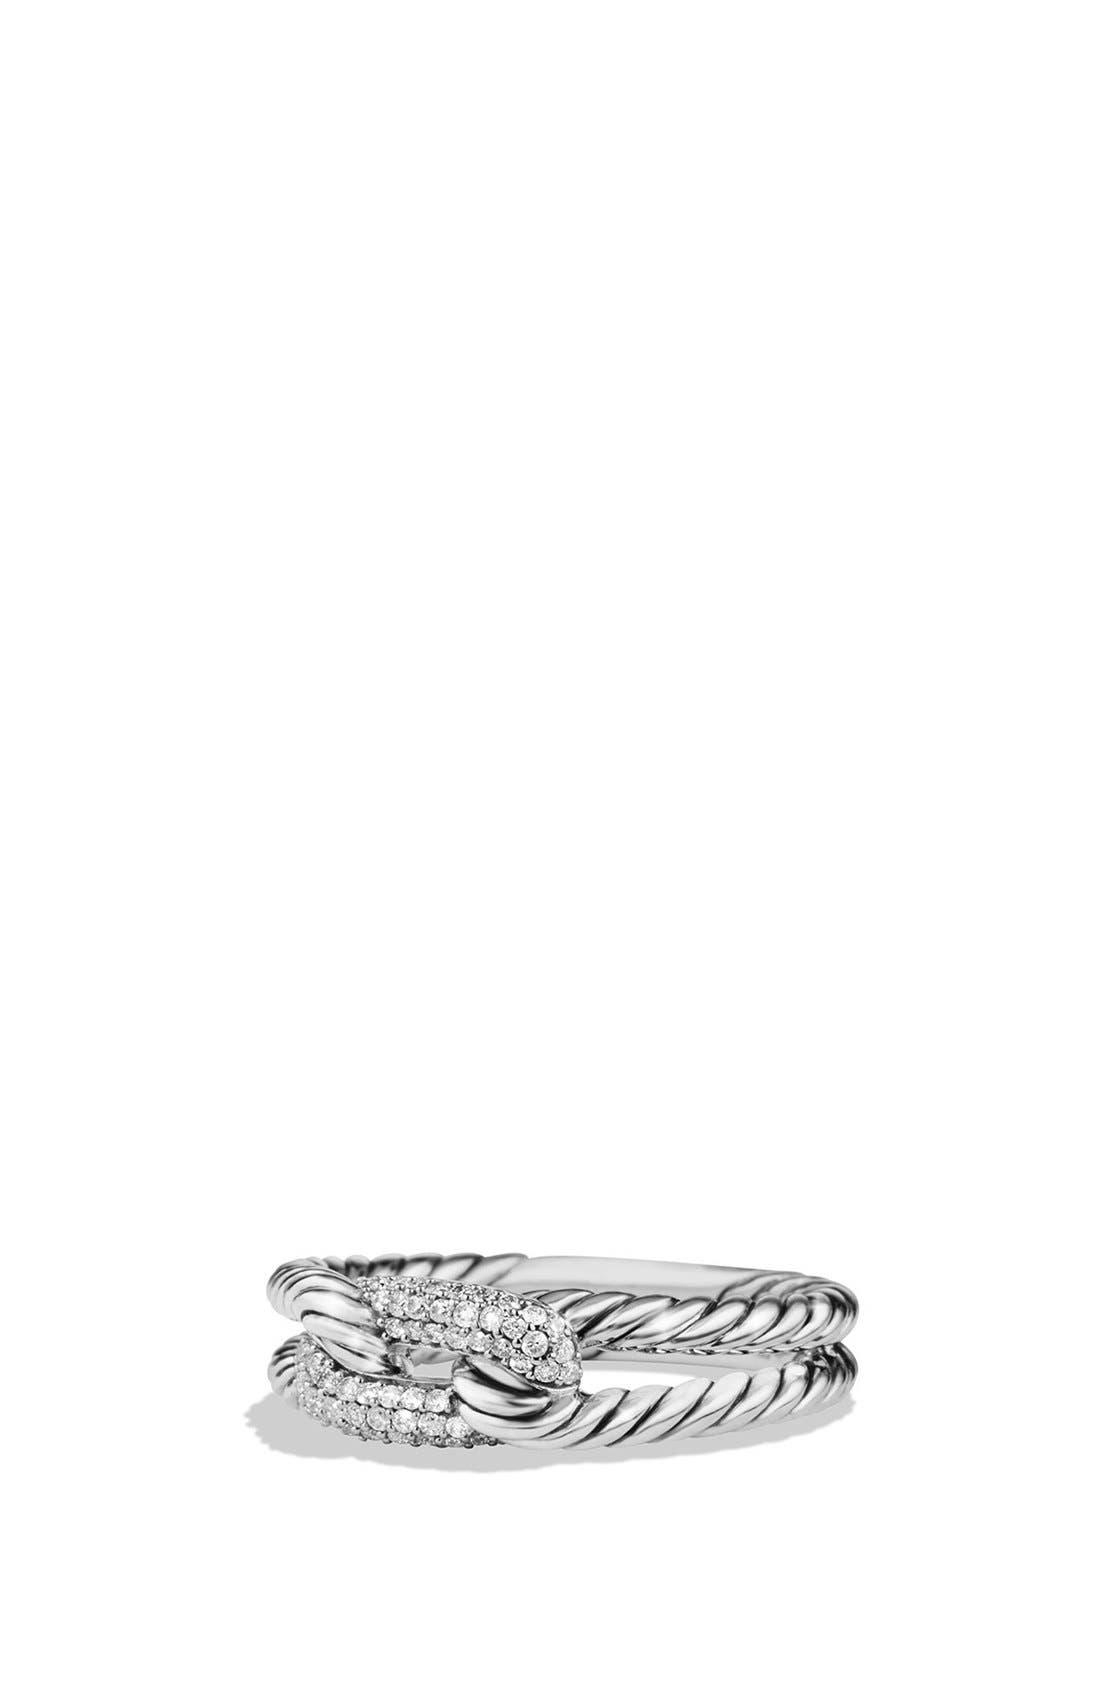 Main Image - David Yurman 'Petite Pavé Loop Ring with Black Diamonds